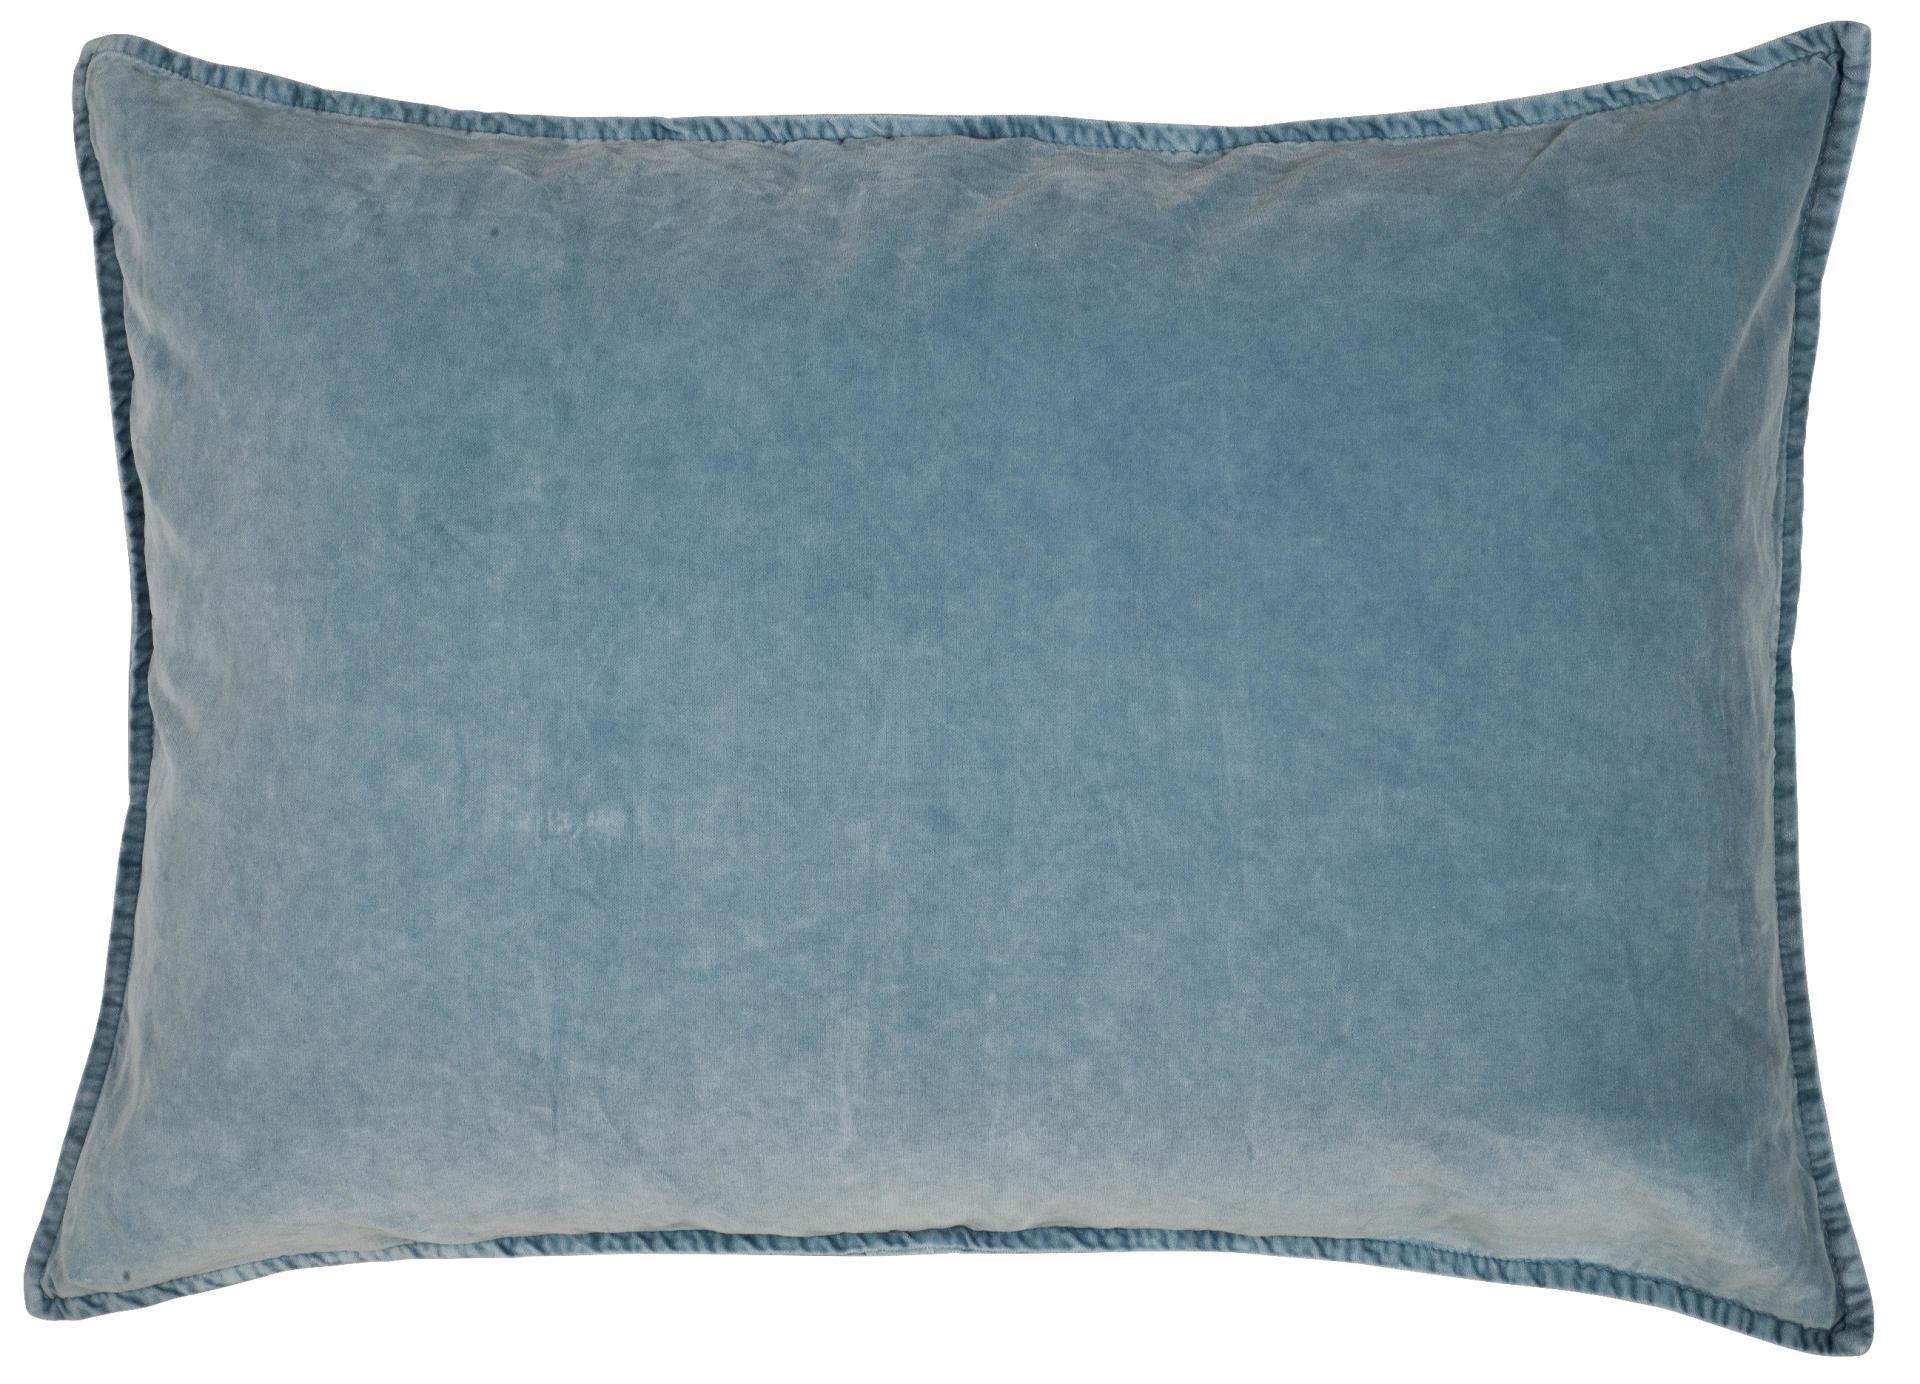 IB LAURSEN Povlak na polštář Velvet Dusty blue 50x70